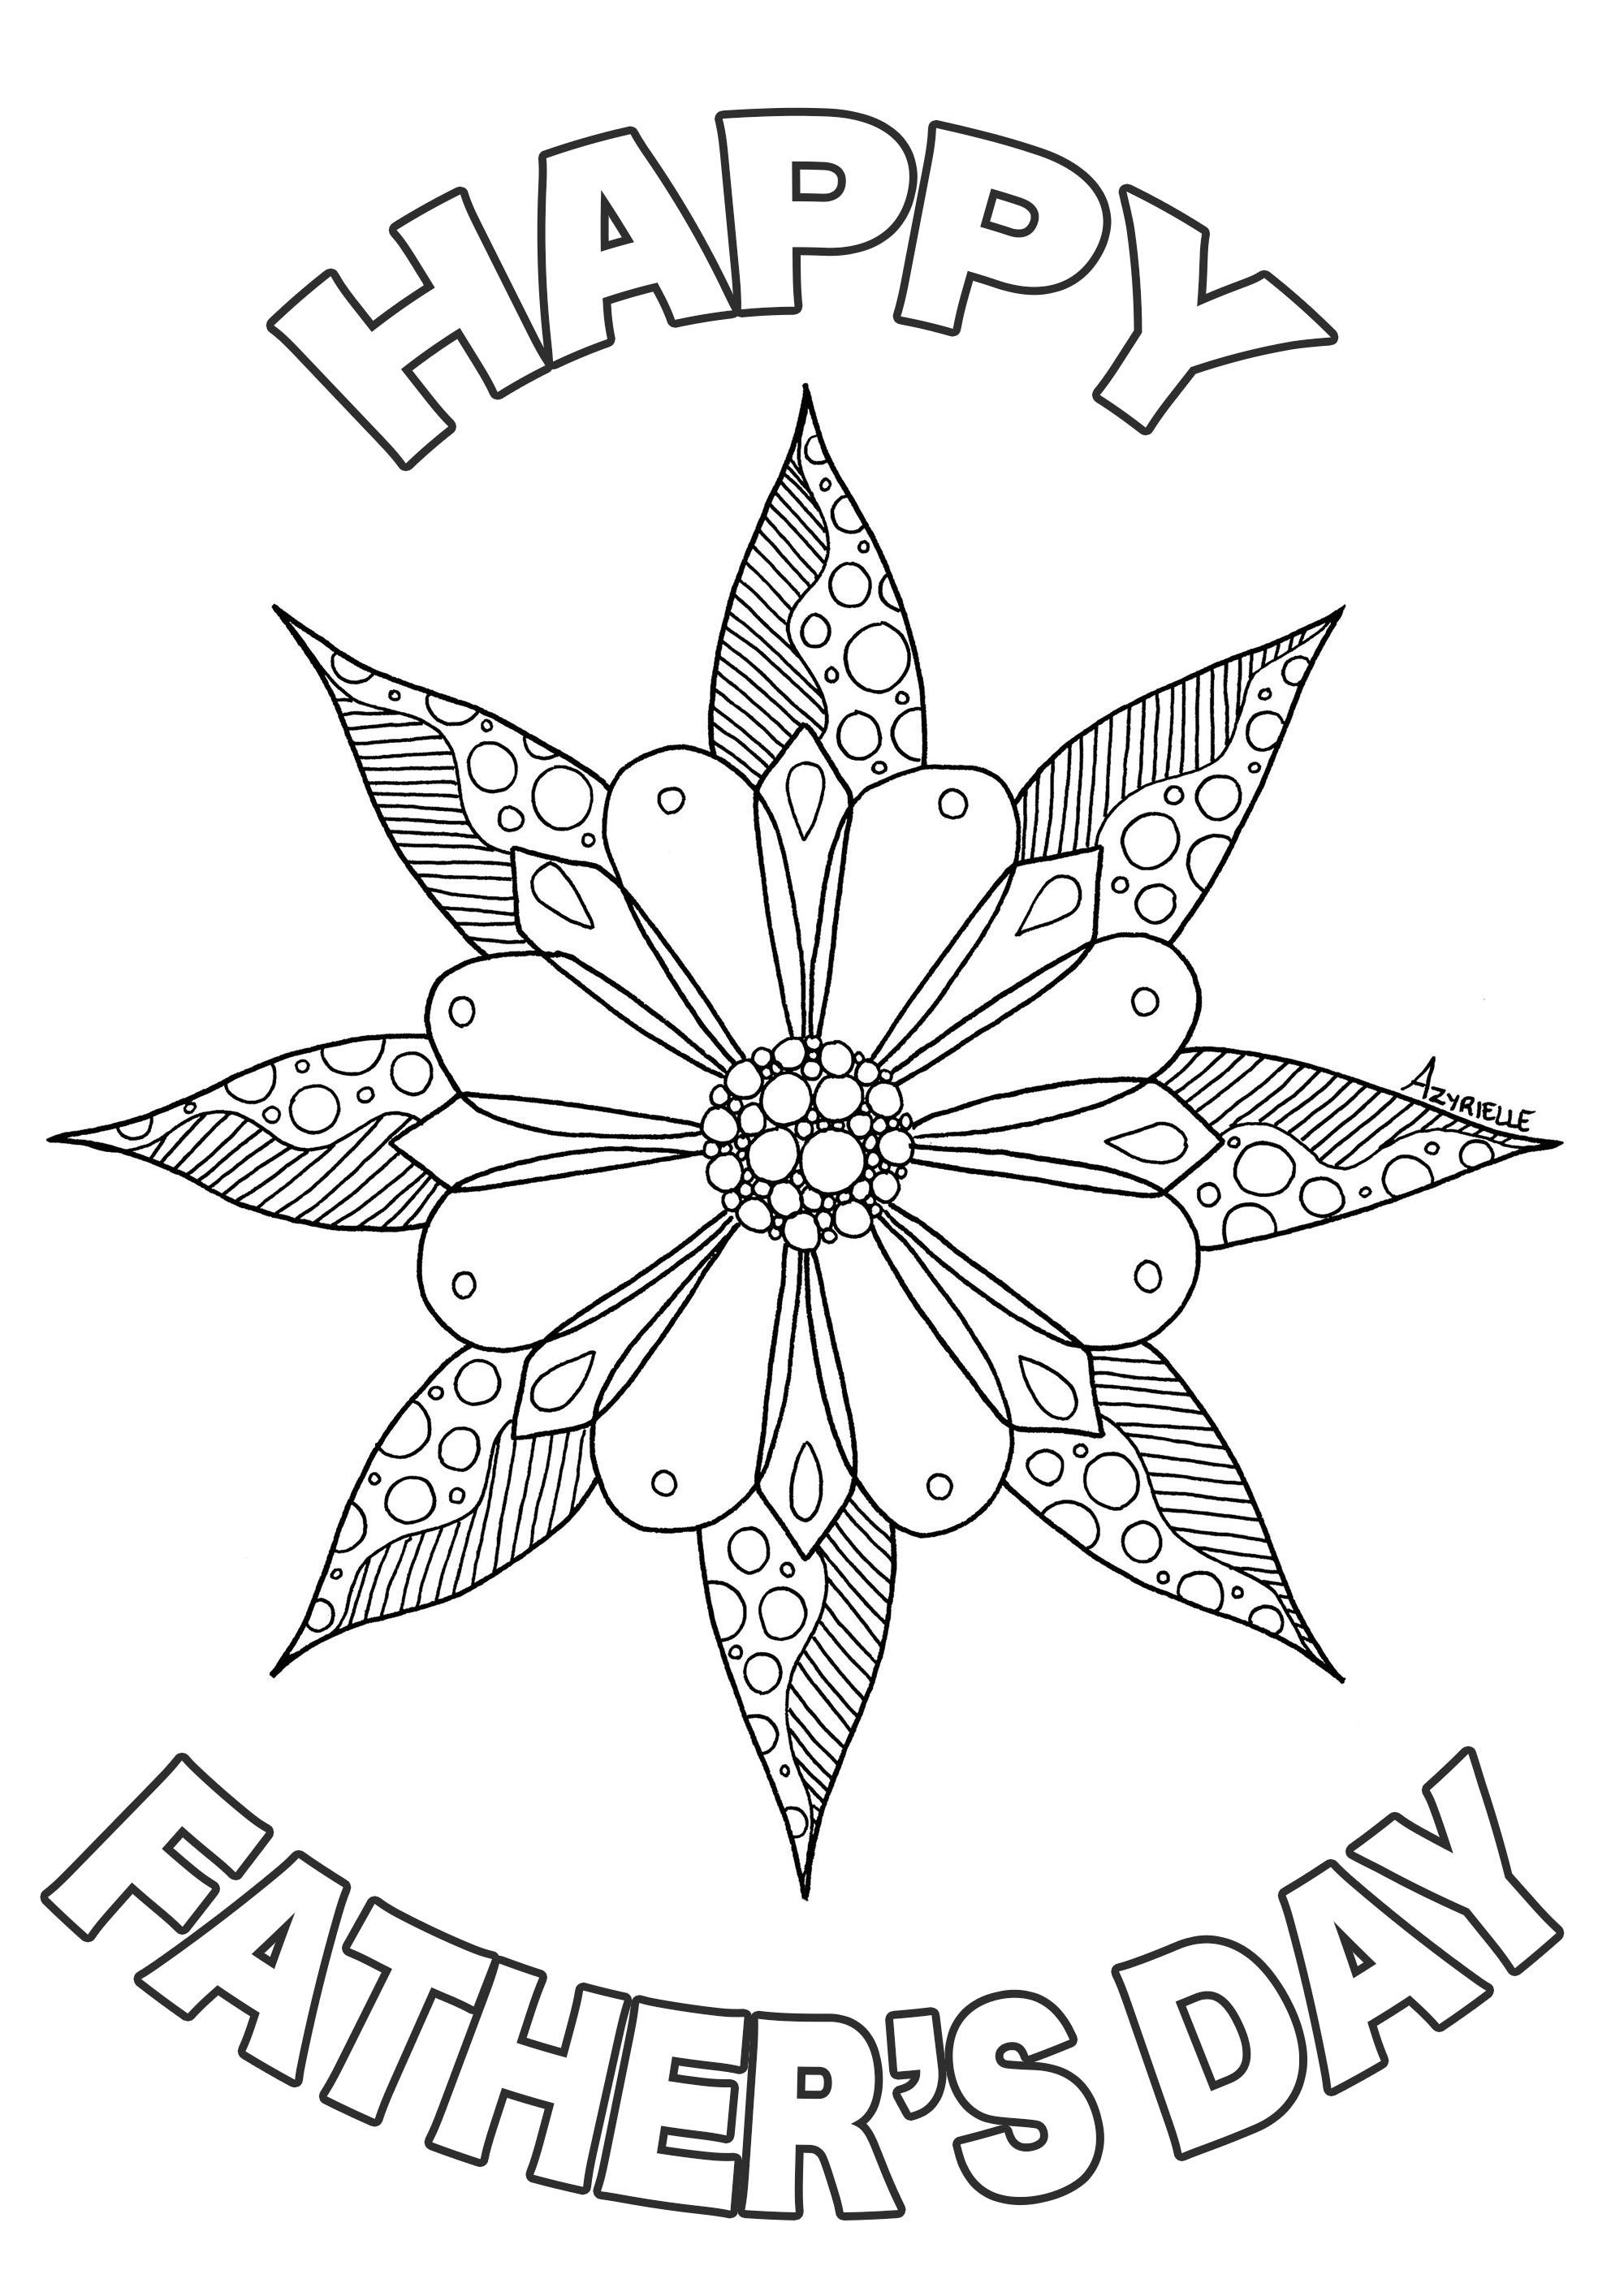 Dia del padre 67915 - Dia Del Padre - Colorear para Adultos